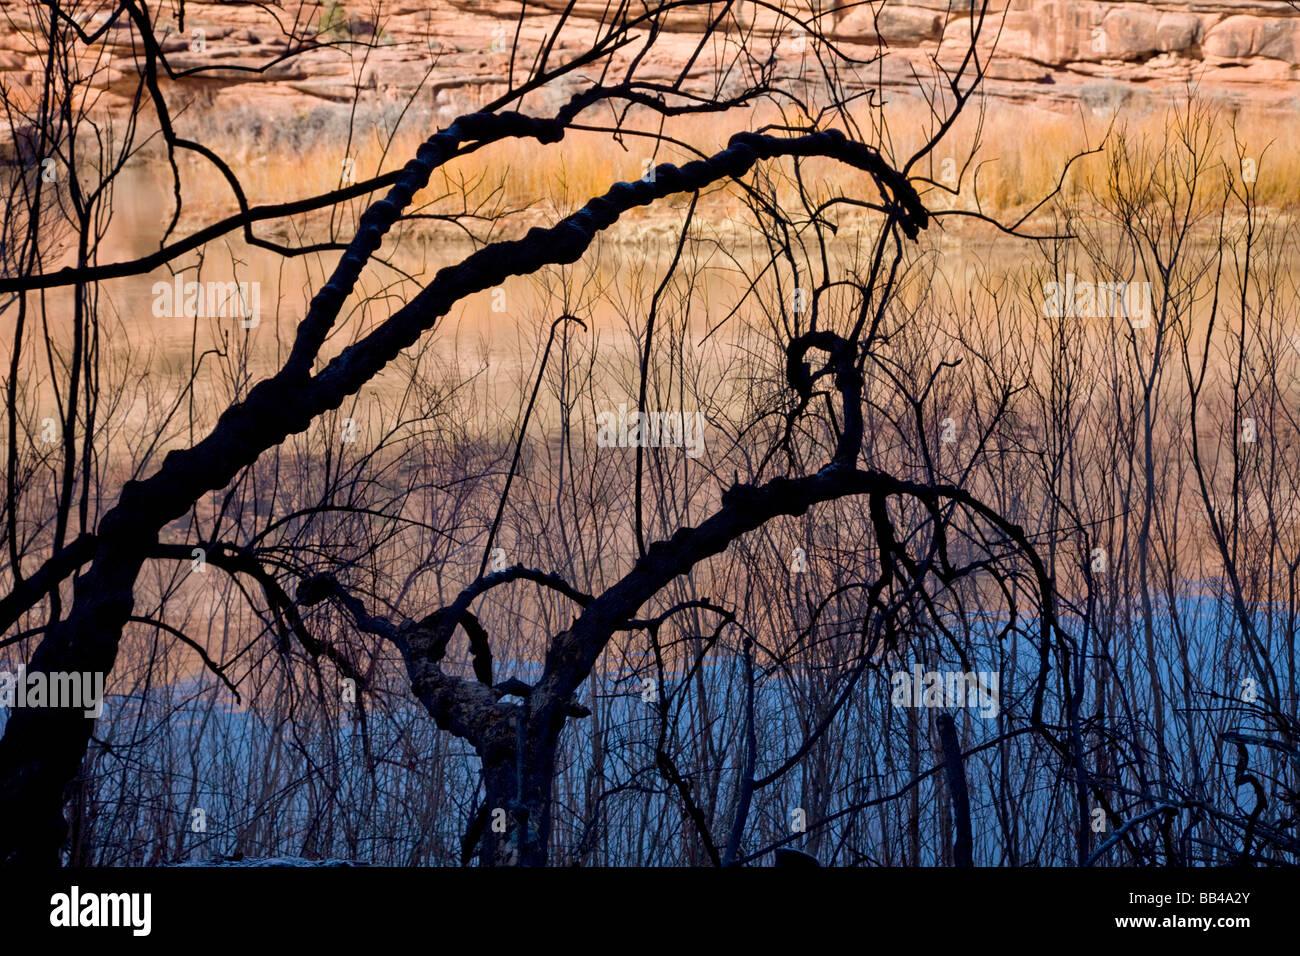 Moab, Utah 2007 - Stock Image